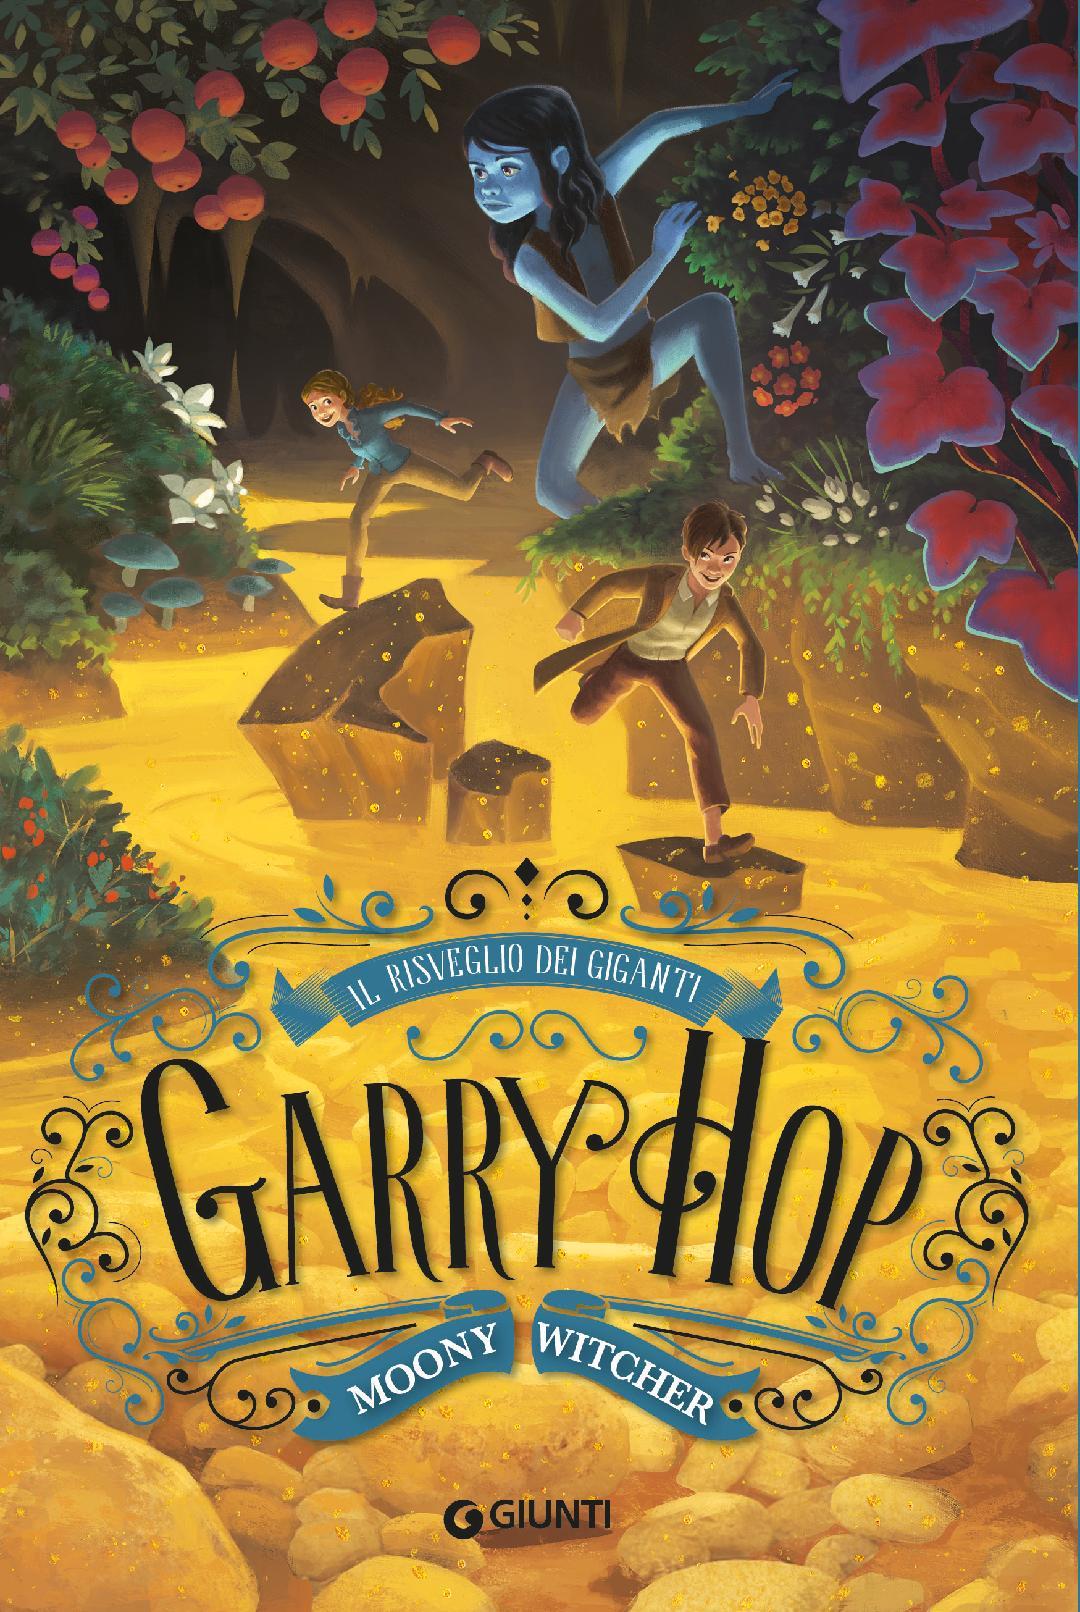 Garry Hop: Il Risveglio dei Giganti, secondo volume della serie Garry Hop di MOONY WITCHER